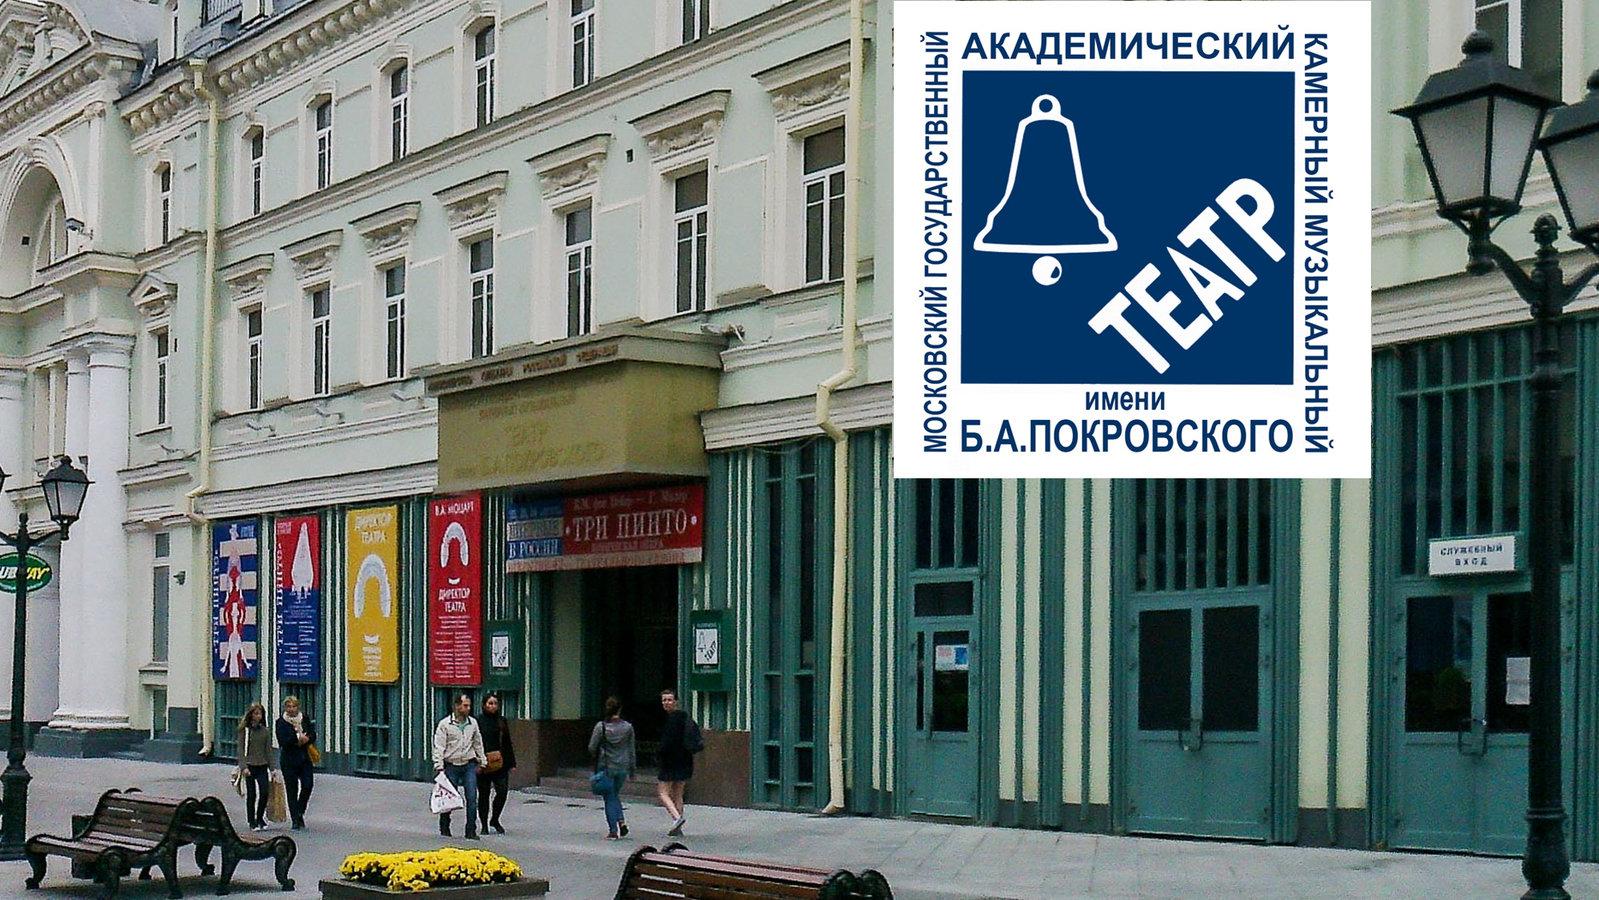 Камерный театр Бориса Покросвкого